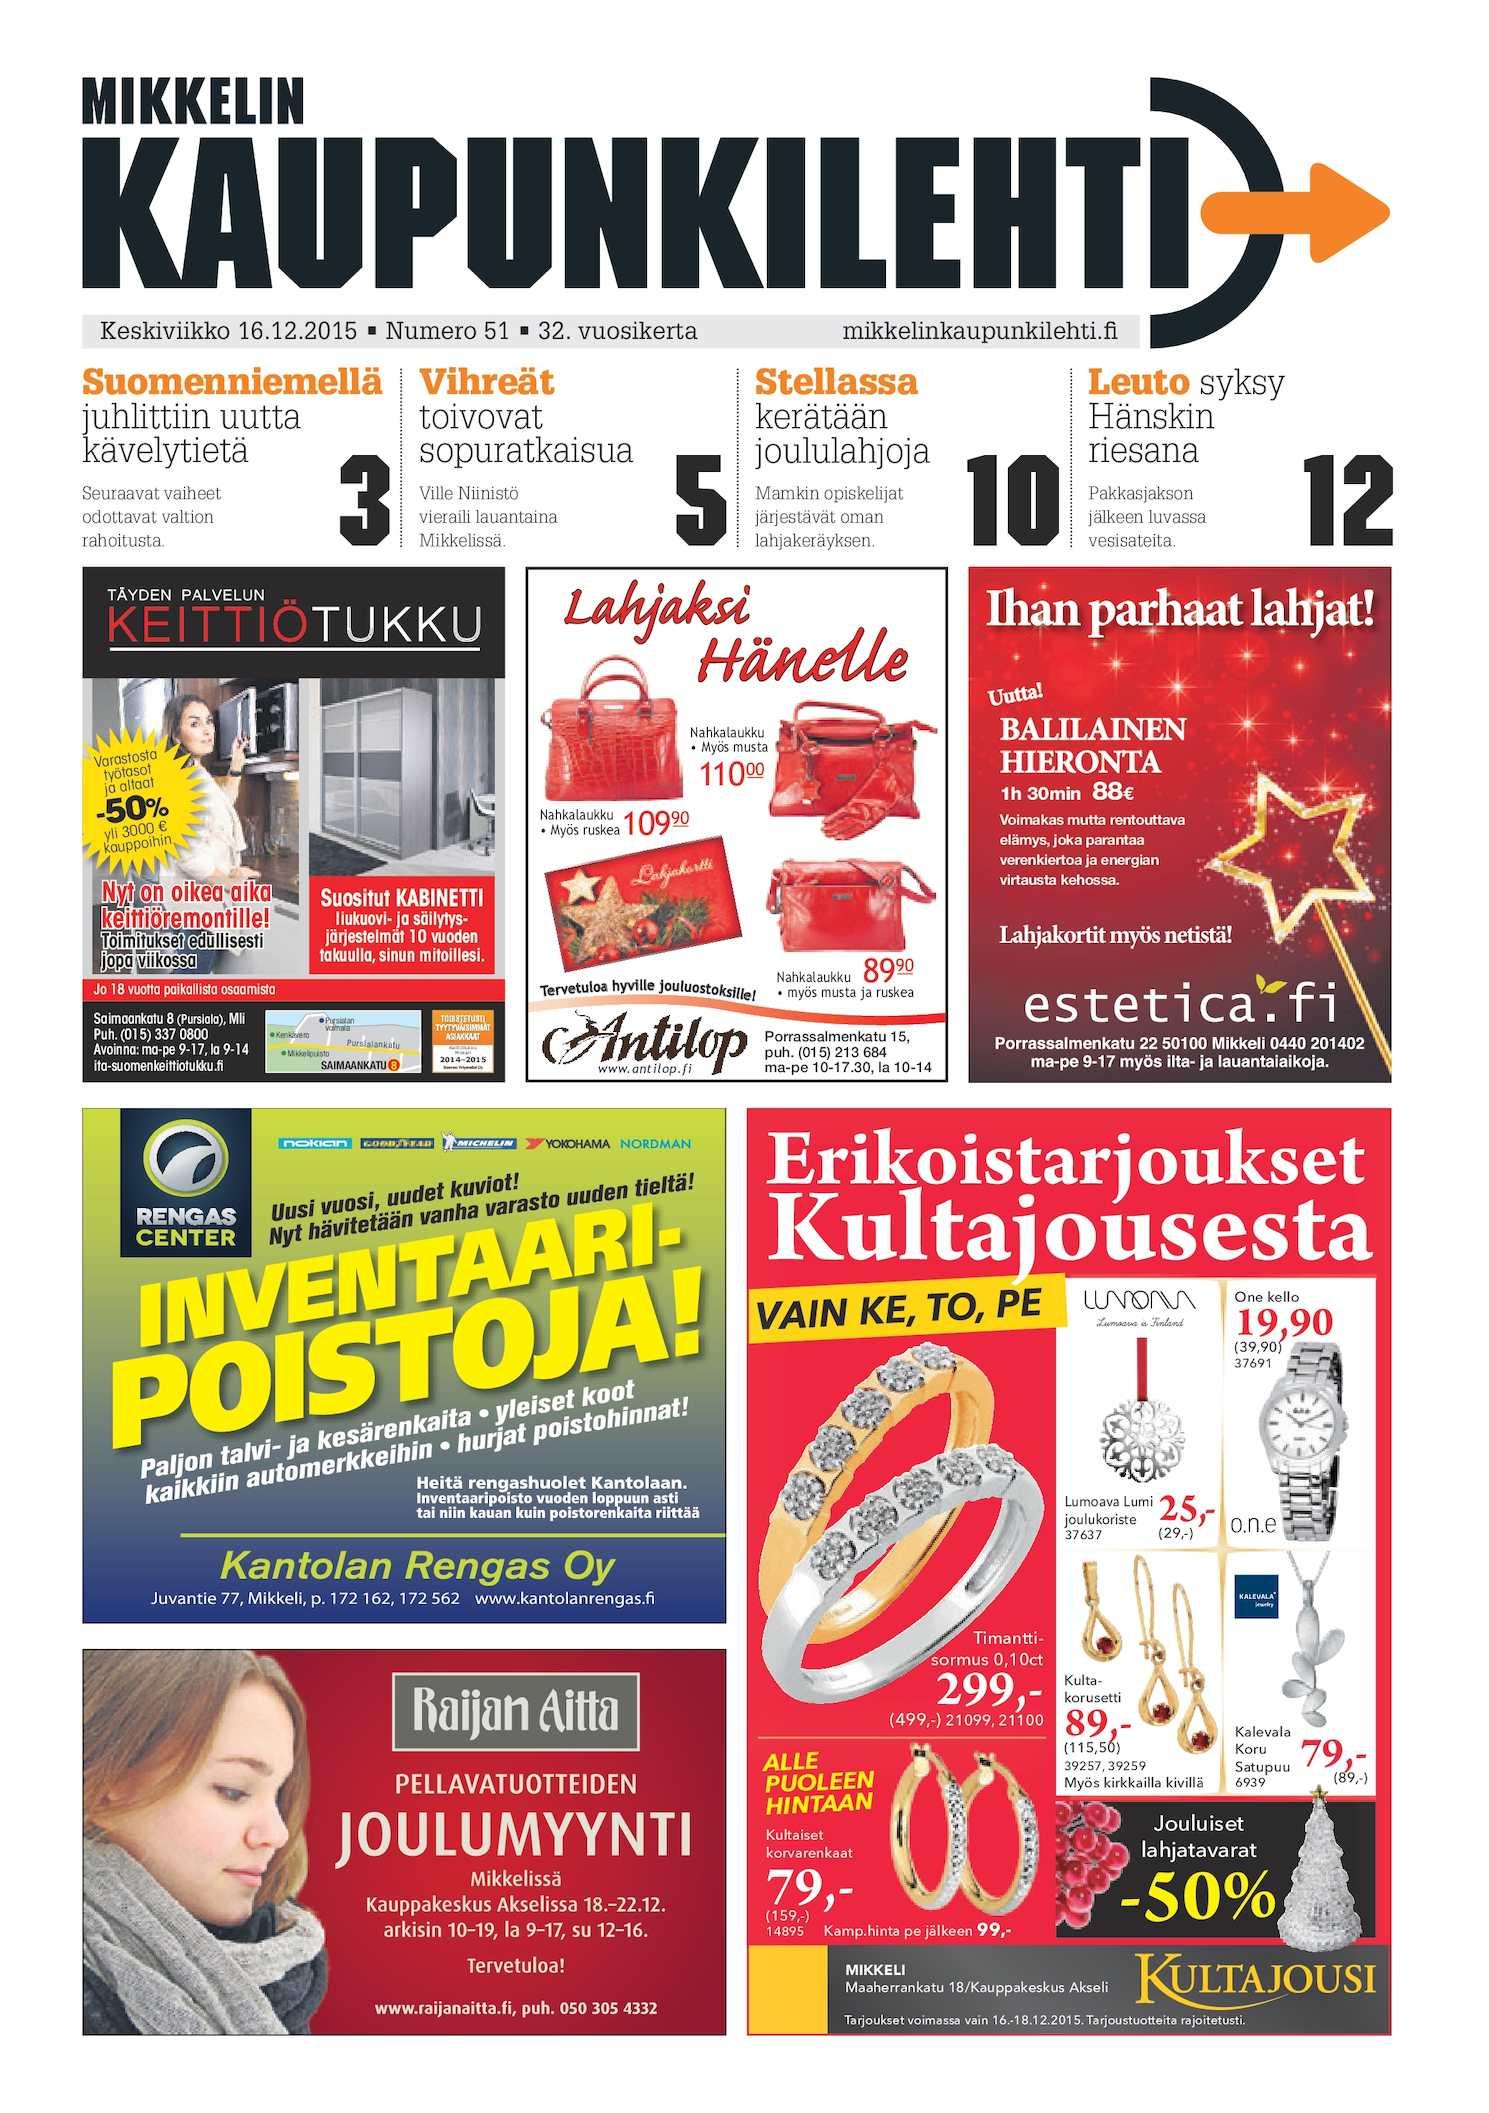 Calaméo - Mikkelin Kaupunkilehti 51/2015